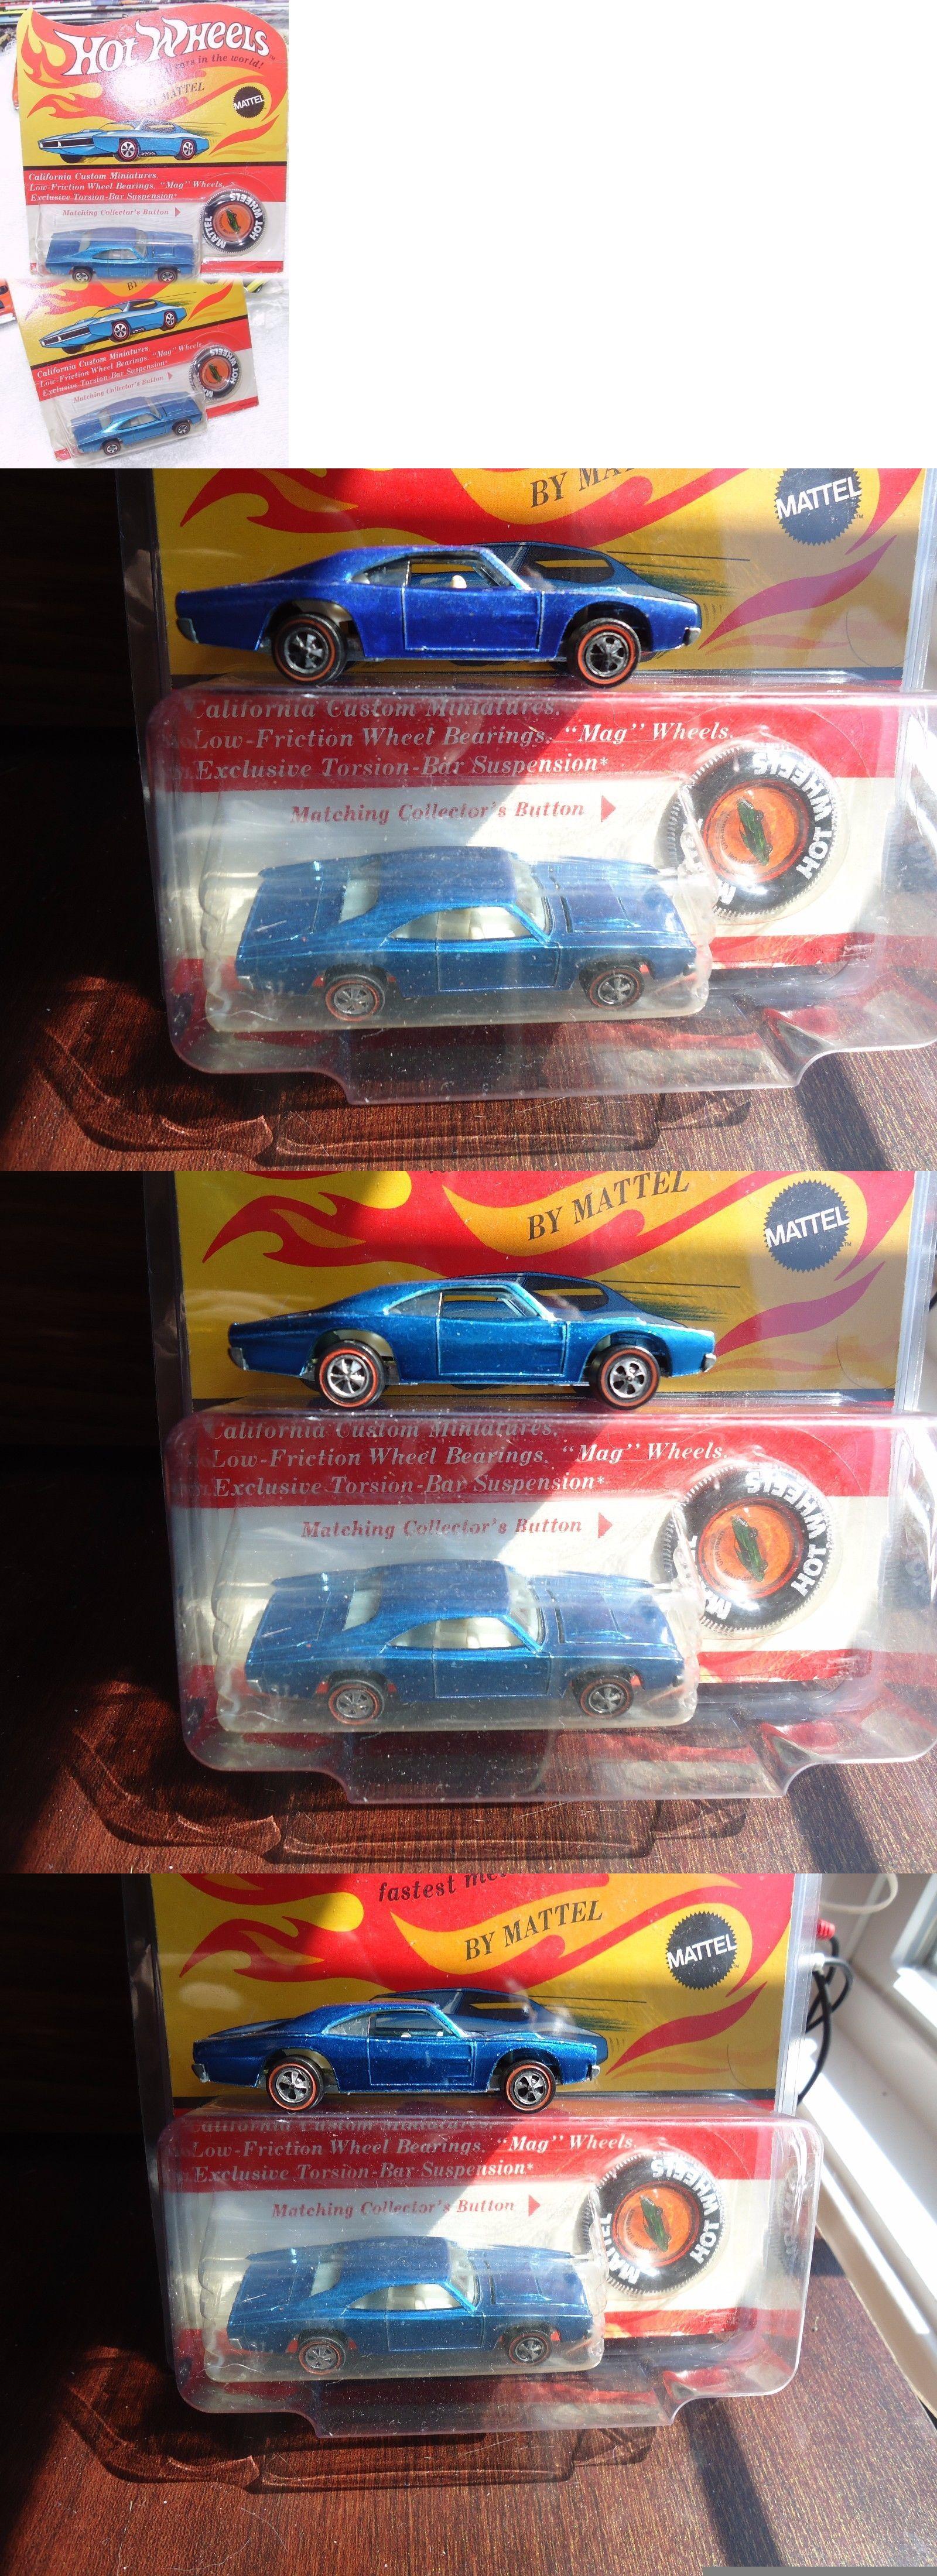 Hot wheels blackwall spider man web spider car hk superb ebay - Vintage Manufacture 180507 Vintage Hot Wheels Redline Medium Blue Custom Charger Redline On Unpunched Card